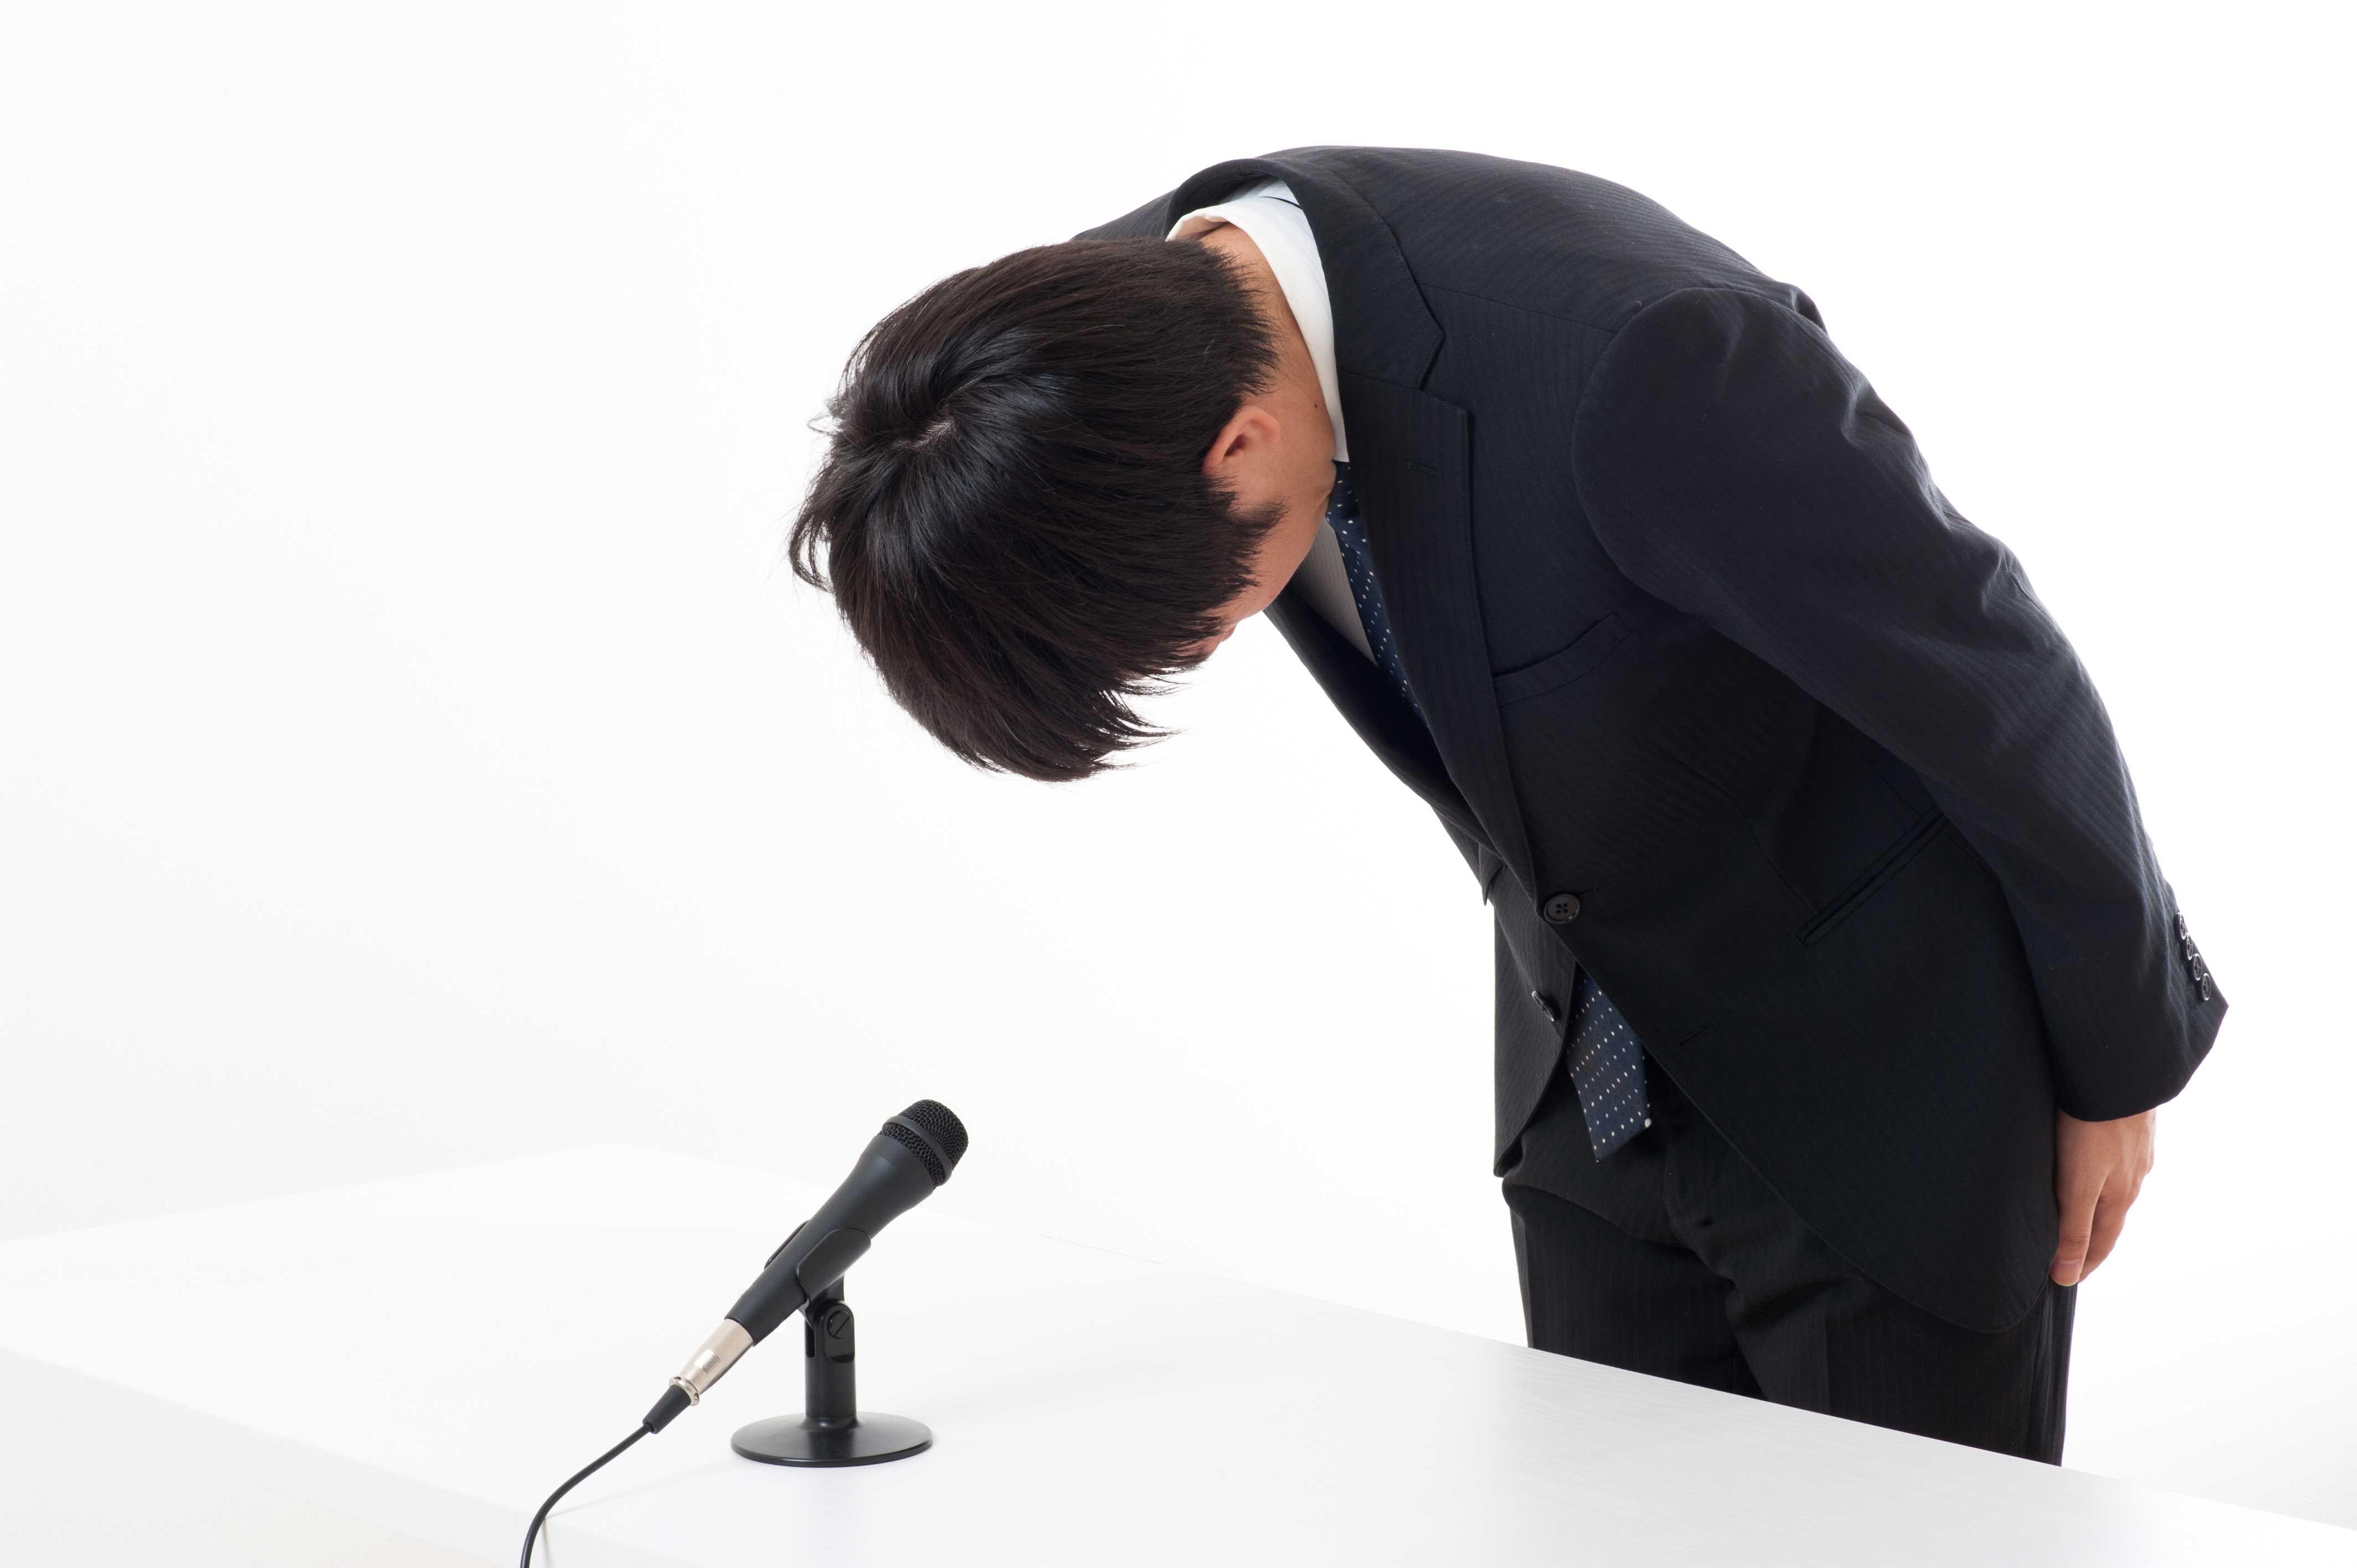 俳優 成年 不祥事 ドラマ 未